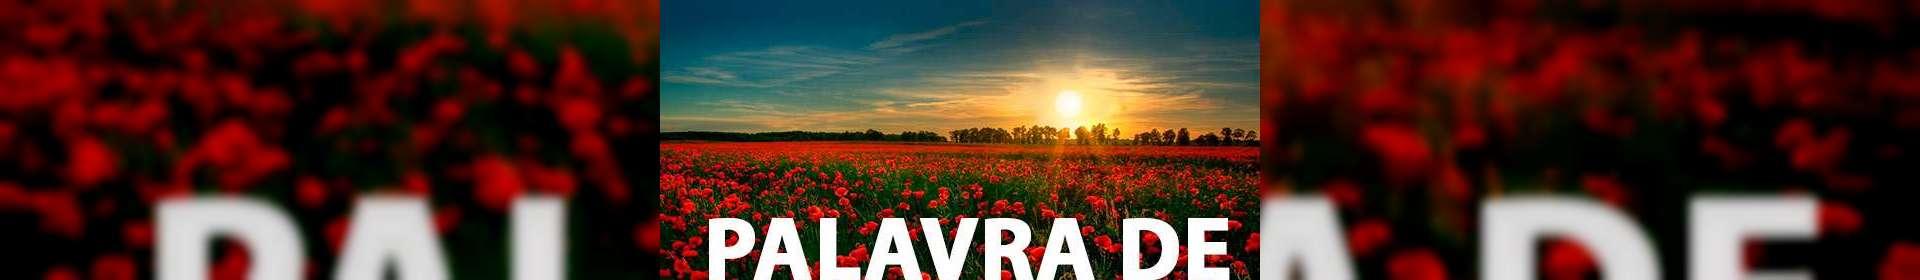 Isaías 65:24 - Uma Palavra de Esperança para sua vida